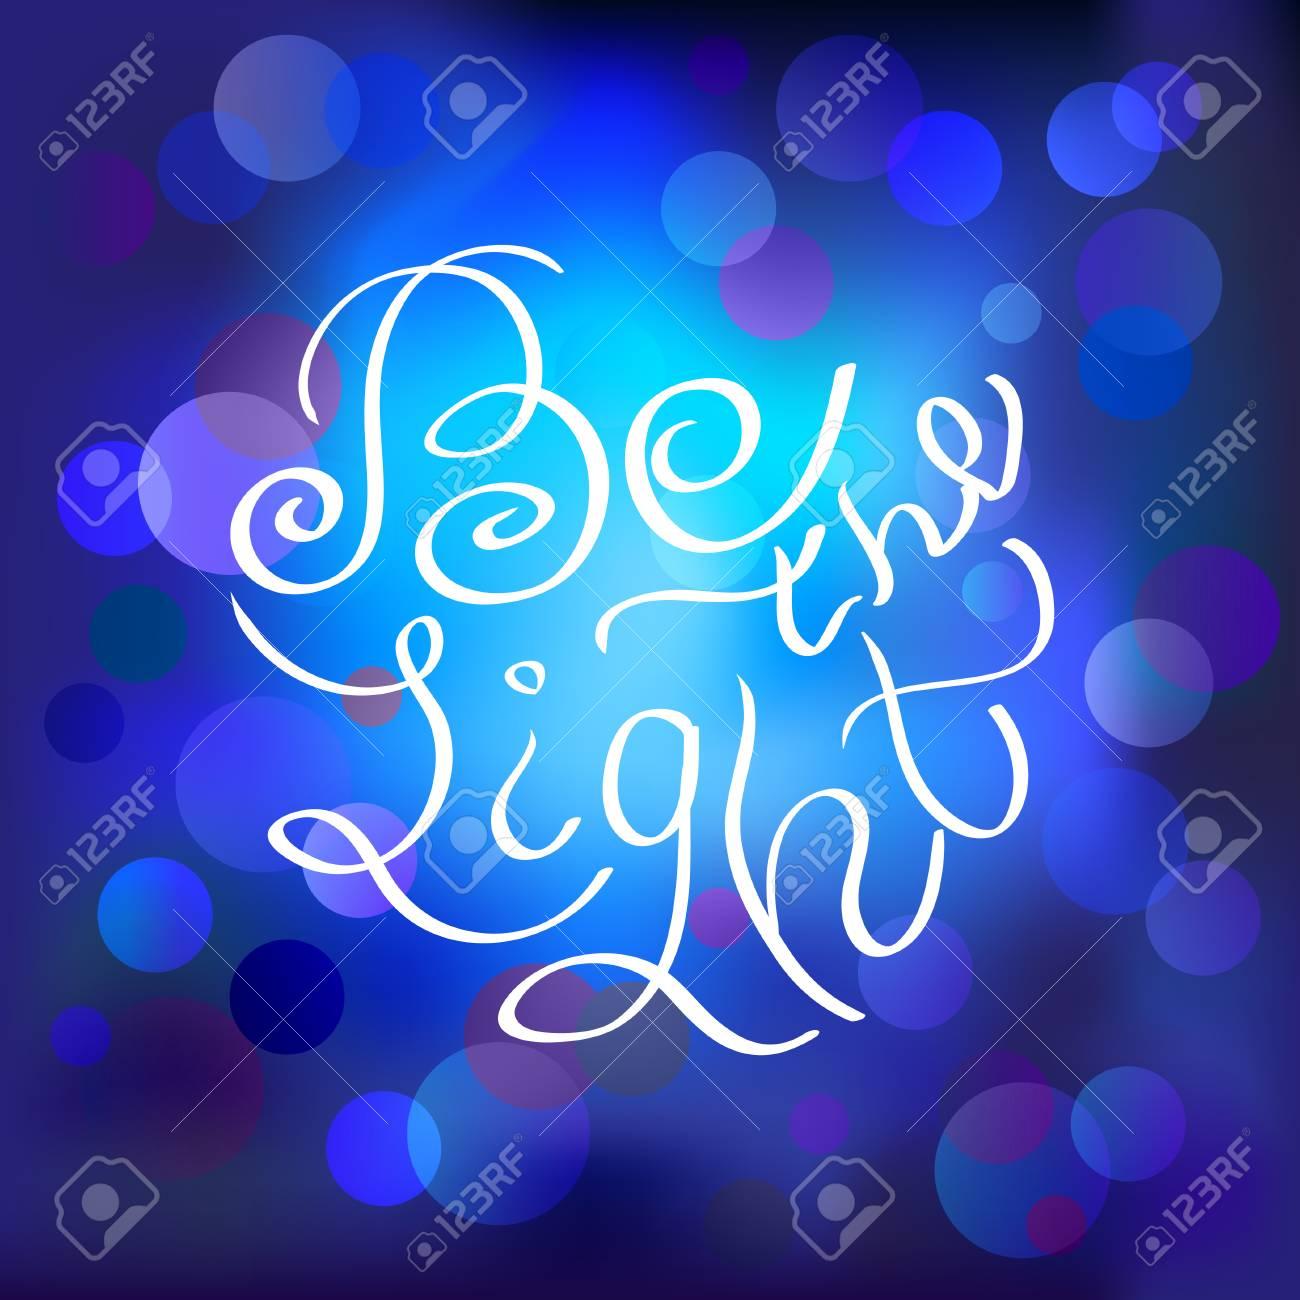 Carte De Calligraphie Dessinée à La Main Citation D Inspiration Flou Bleu Foncé Sparkle Fond Et Citation Soit La Lumière Style De Lumières De Nuit